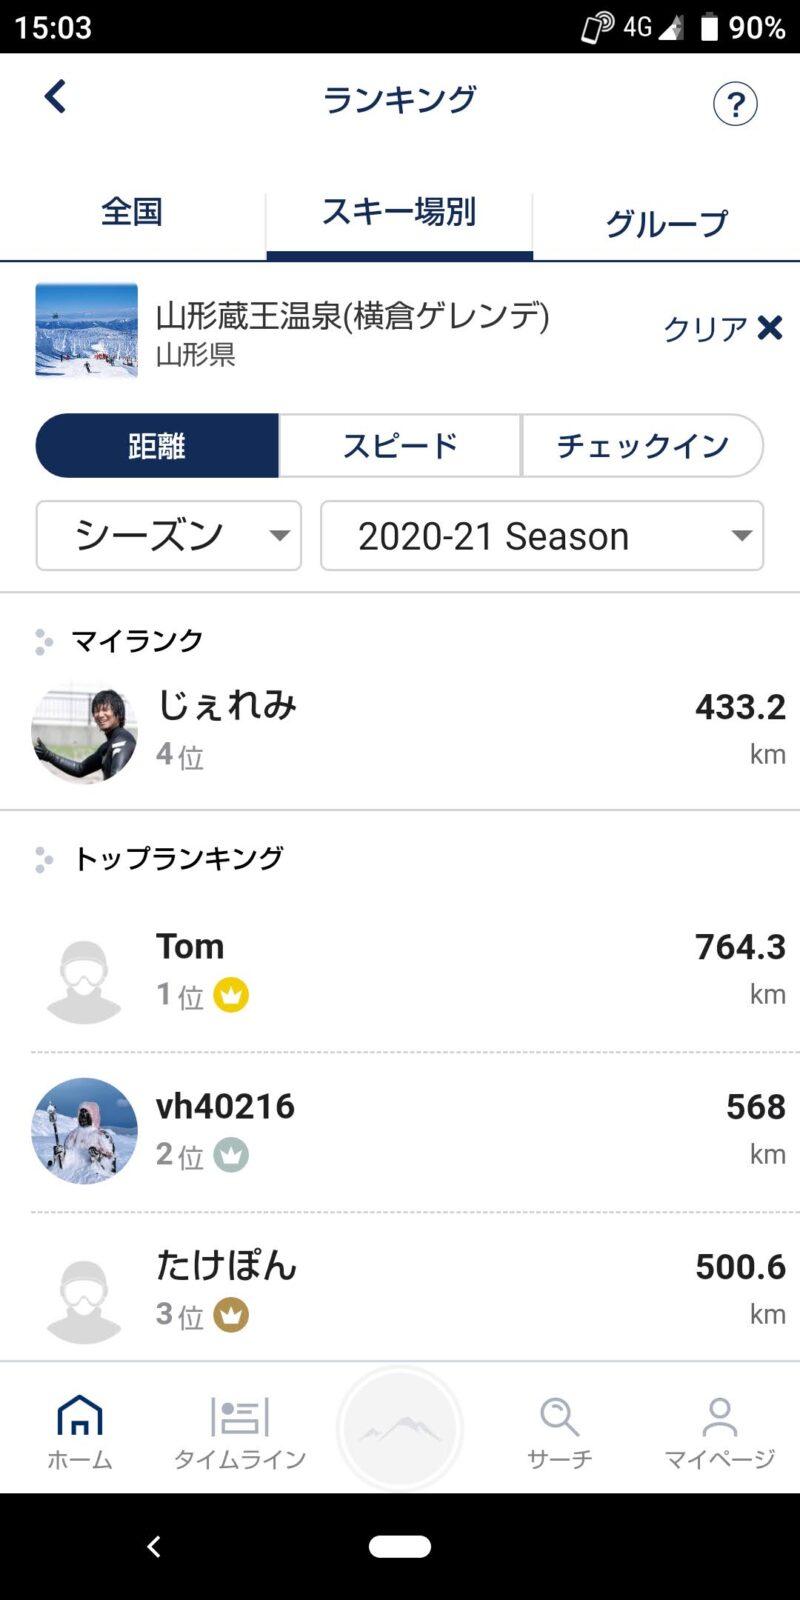 【スキースノーボード用 GPSスマホアプリ】山形蔵王温泉スキー場 GPS   smartphone-app-for-skiing-and-snowboarding.useful-at-Yamagata-Zao-Onsen-Ski-Resort.jpg